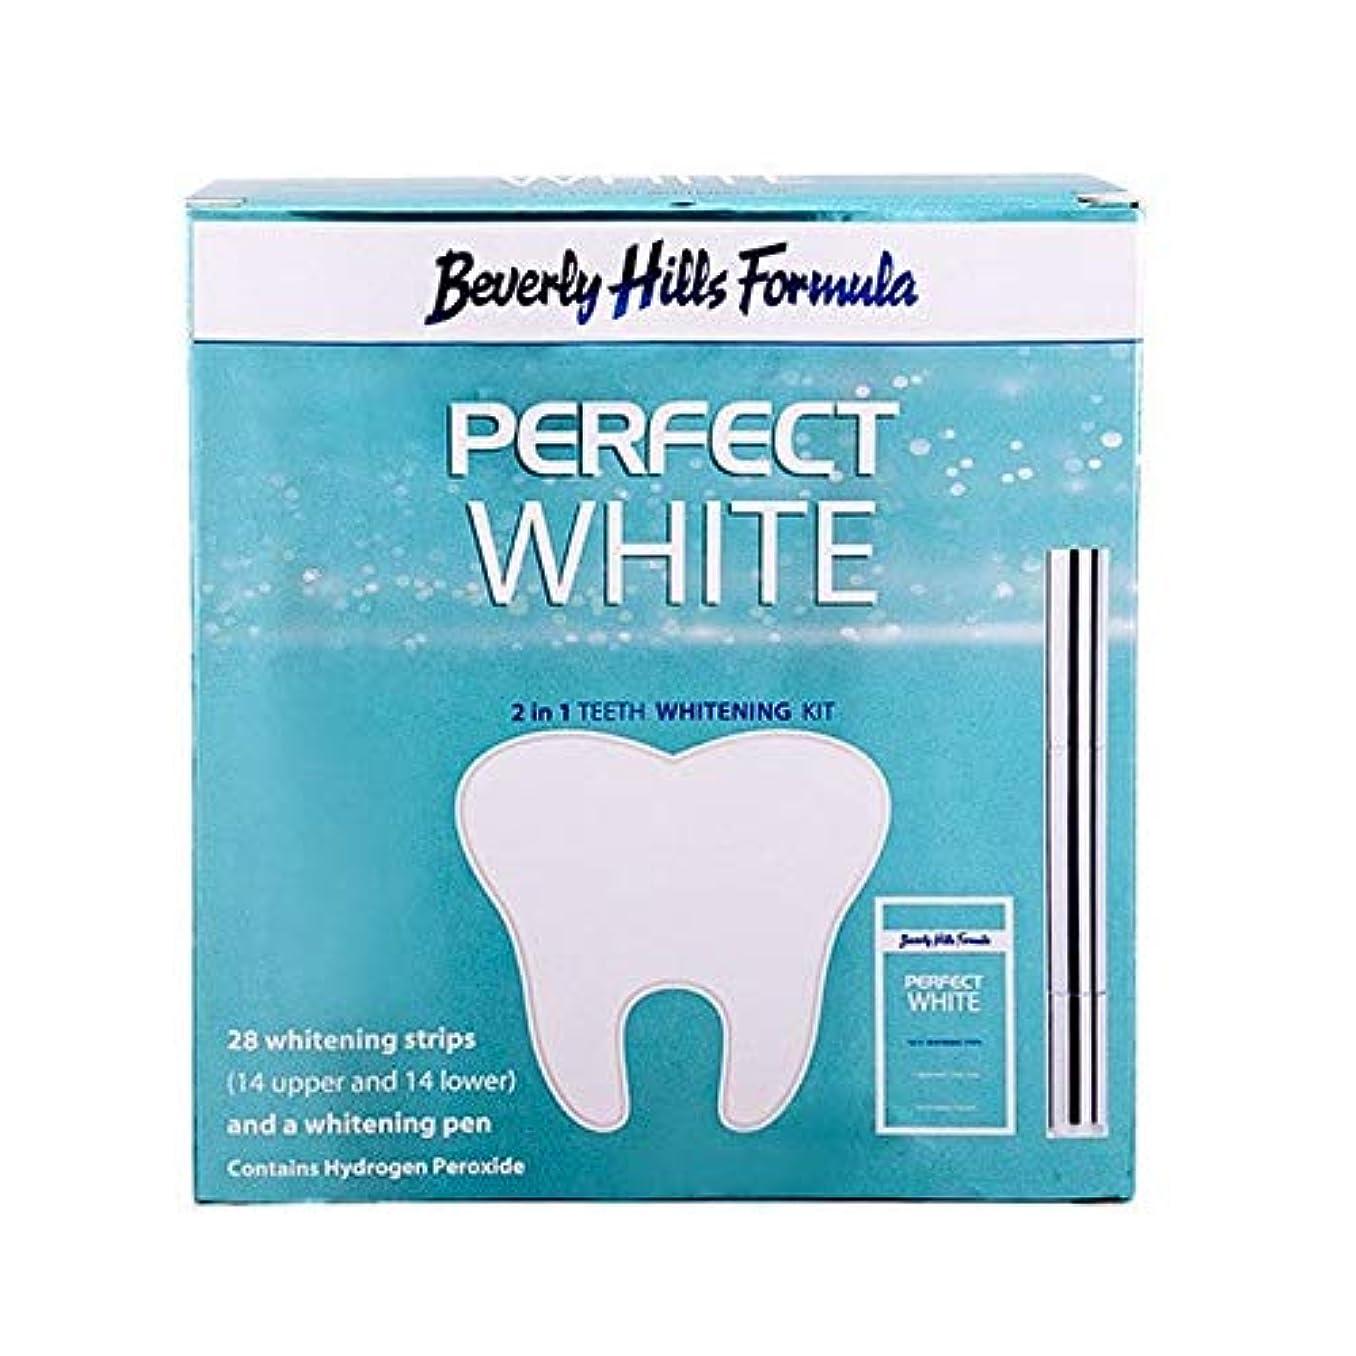 蚊ジョイントまもなく[Beverly Hills ] ビバリーヒルズ公式パーフェクトホワイト2 1でホワイトニングキット - Beverly Hills Formula Perfect White 2 in 1 Whitening kit...